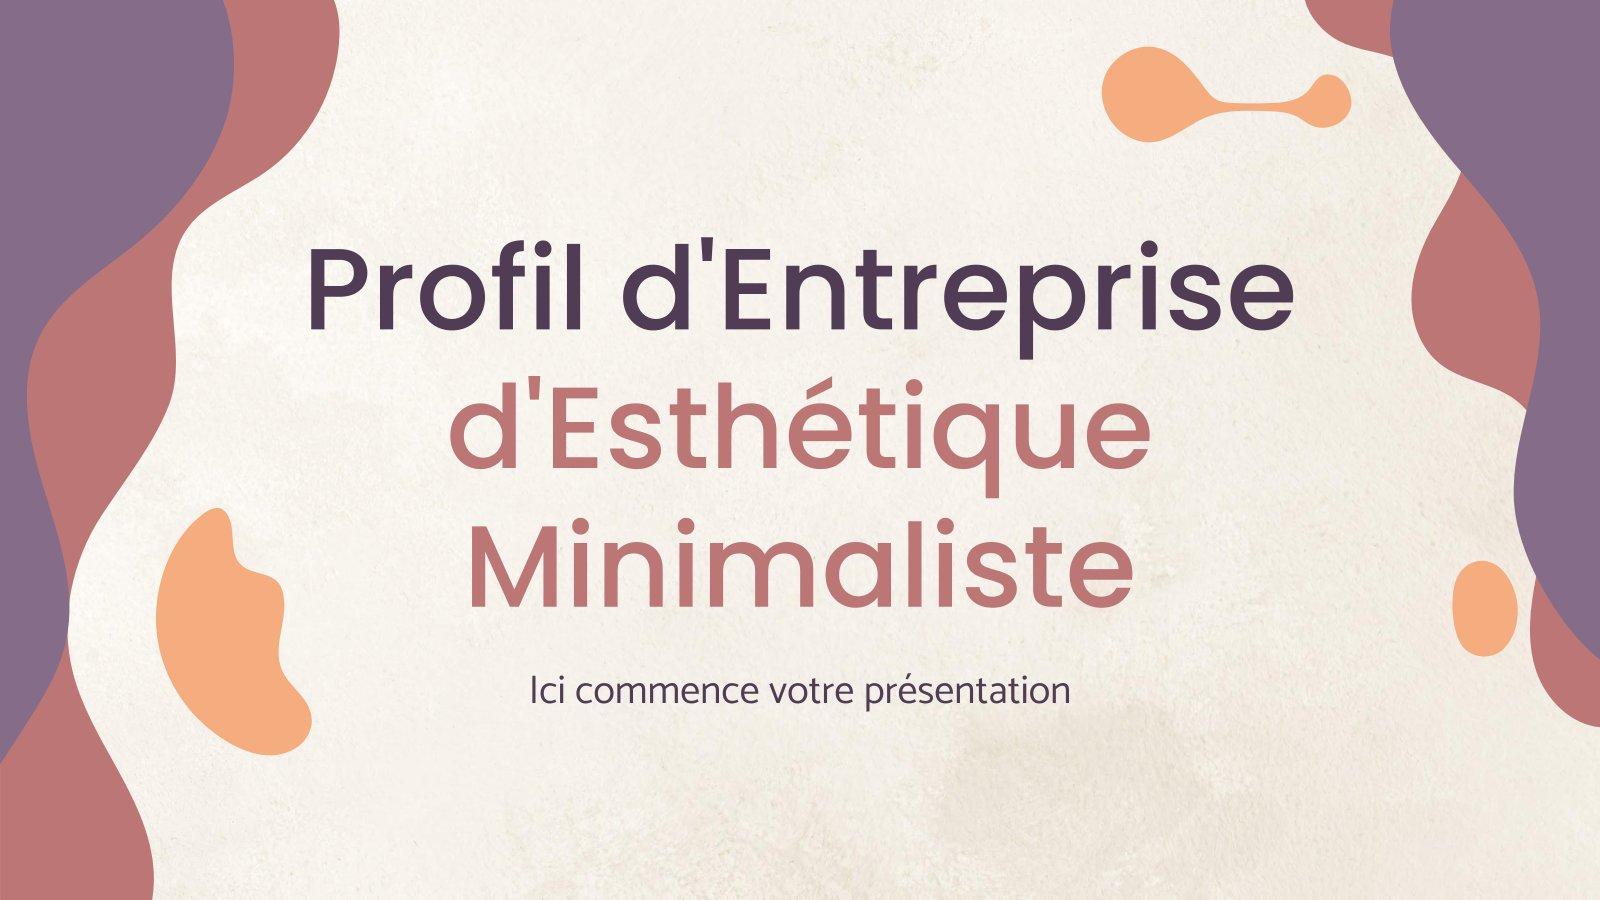 Profil d'Entreprise d'Esthetique Minimaliste Präsentationsvorlage